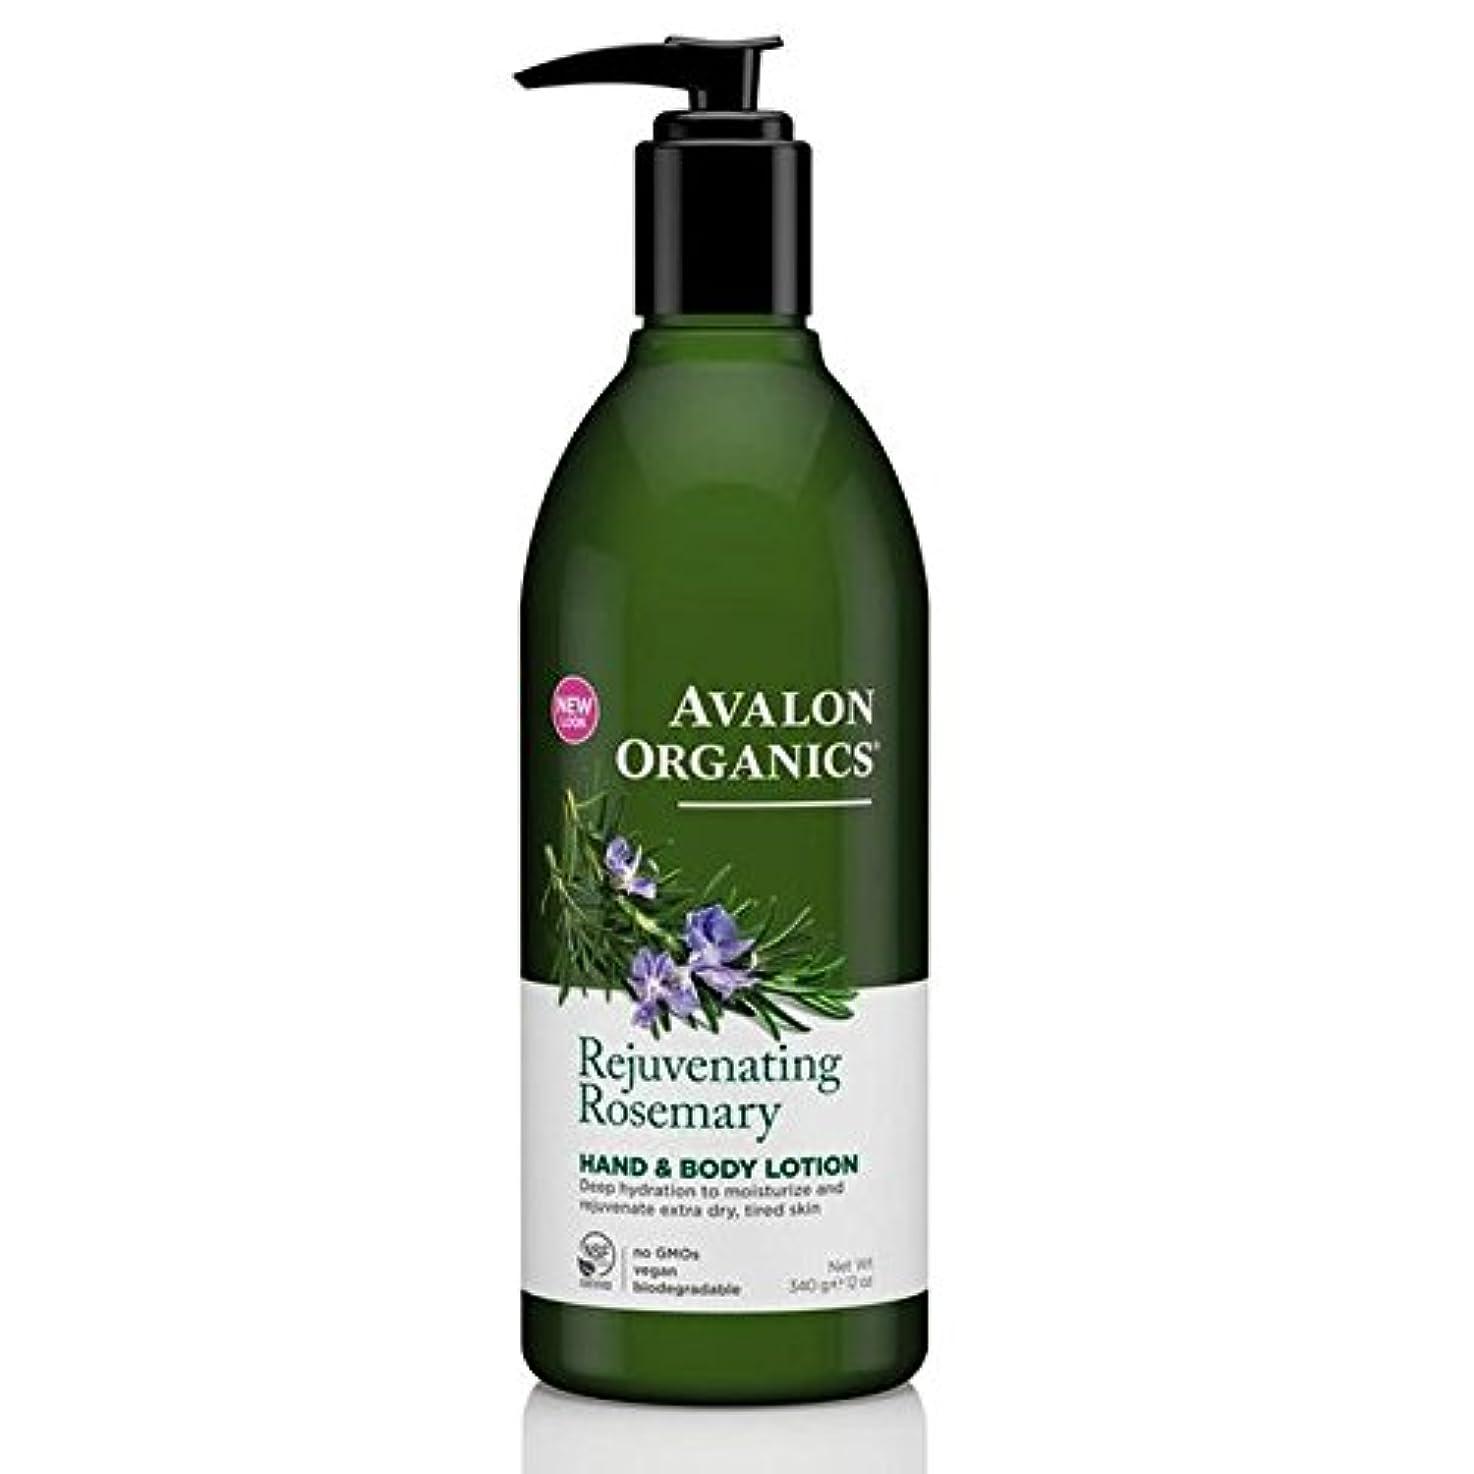 懇願する以内に補助Avalon Organics Rosemary Hand & Body Lotion 340g - (Avalon) ローズマリーハンド&ボディローション340グラム [並行輸入品]